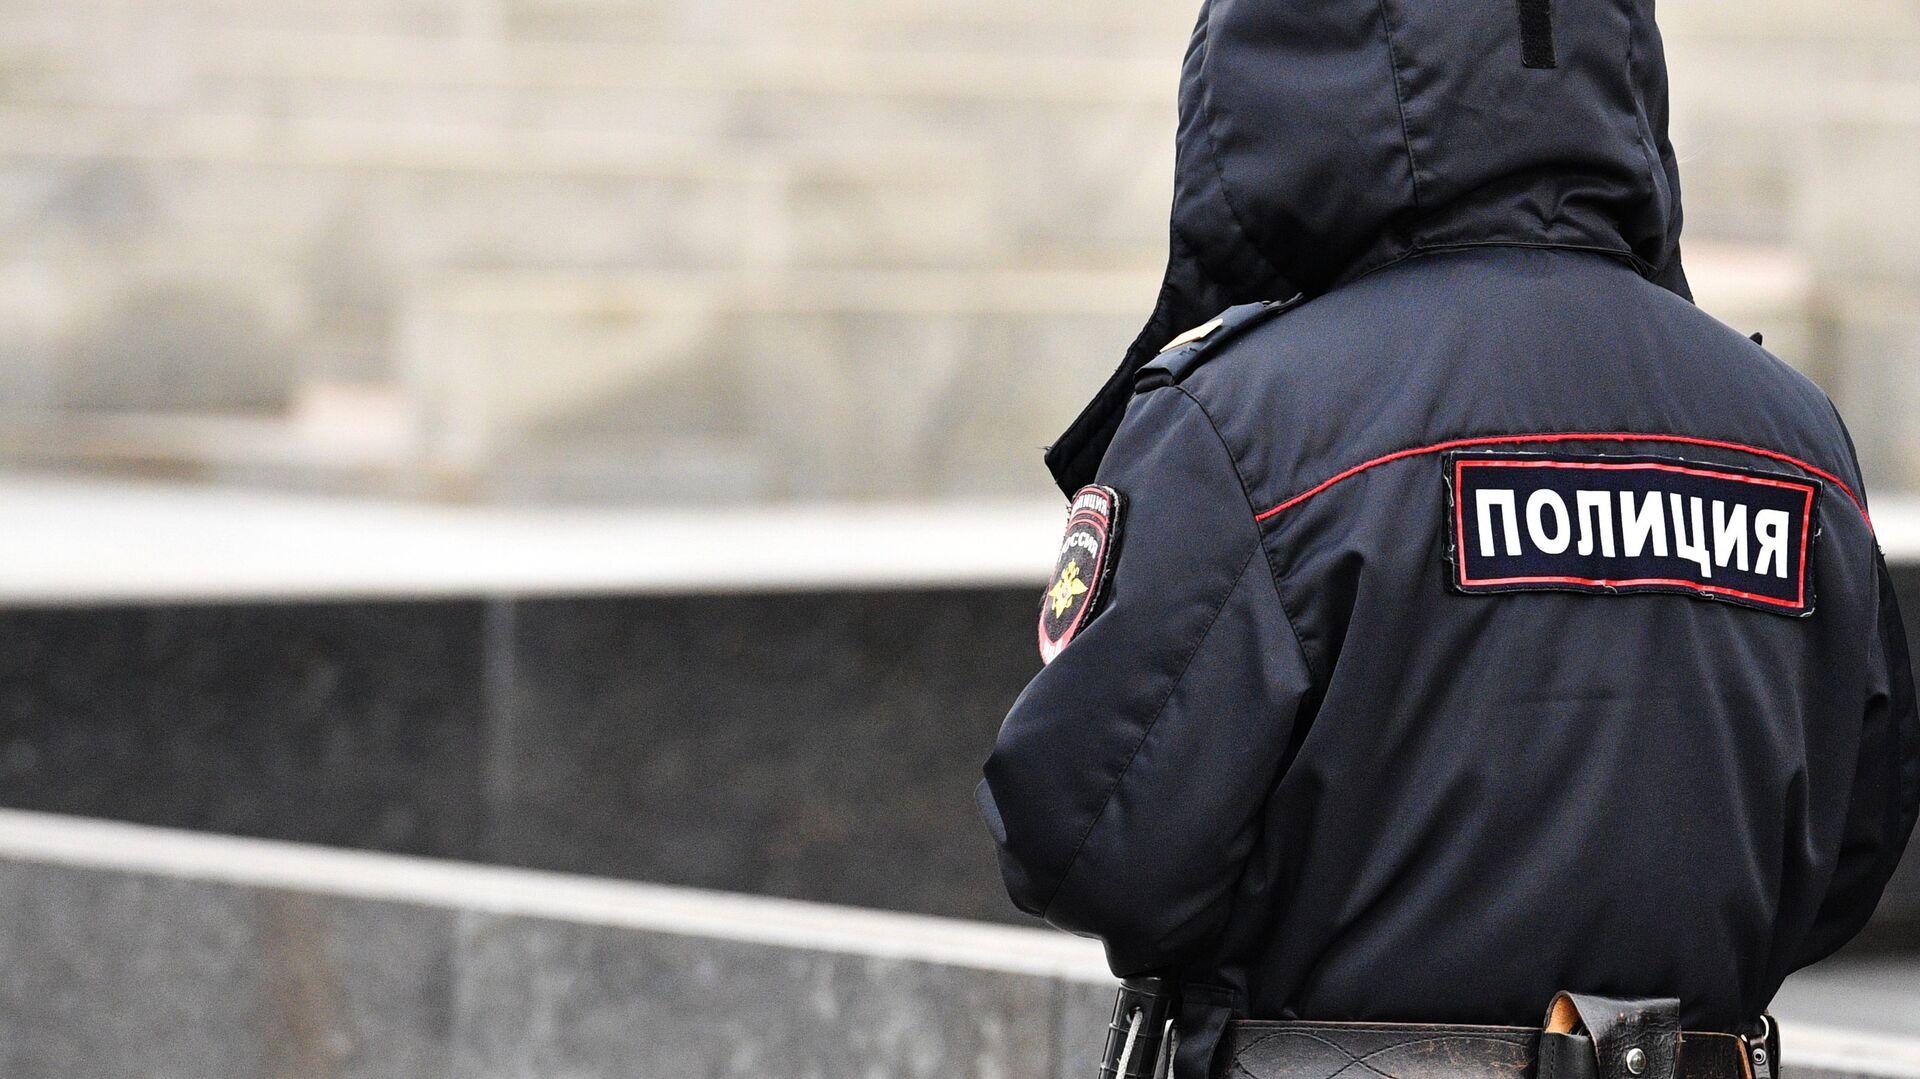 Сотрудник полиции - РИА Новости, 1920, 03.12.2020